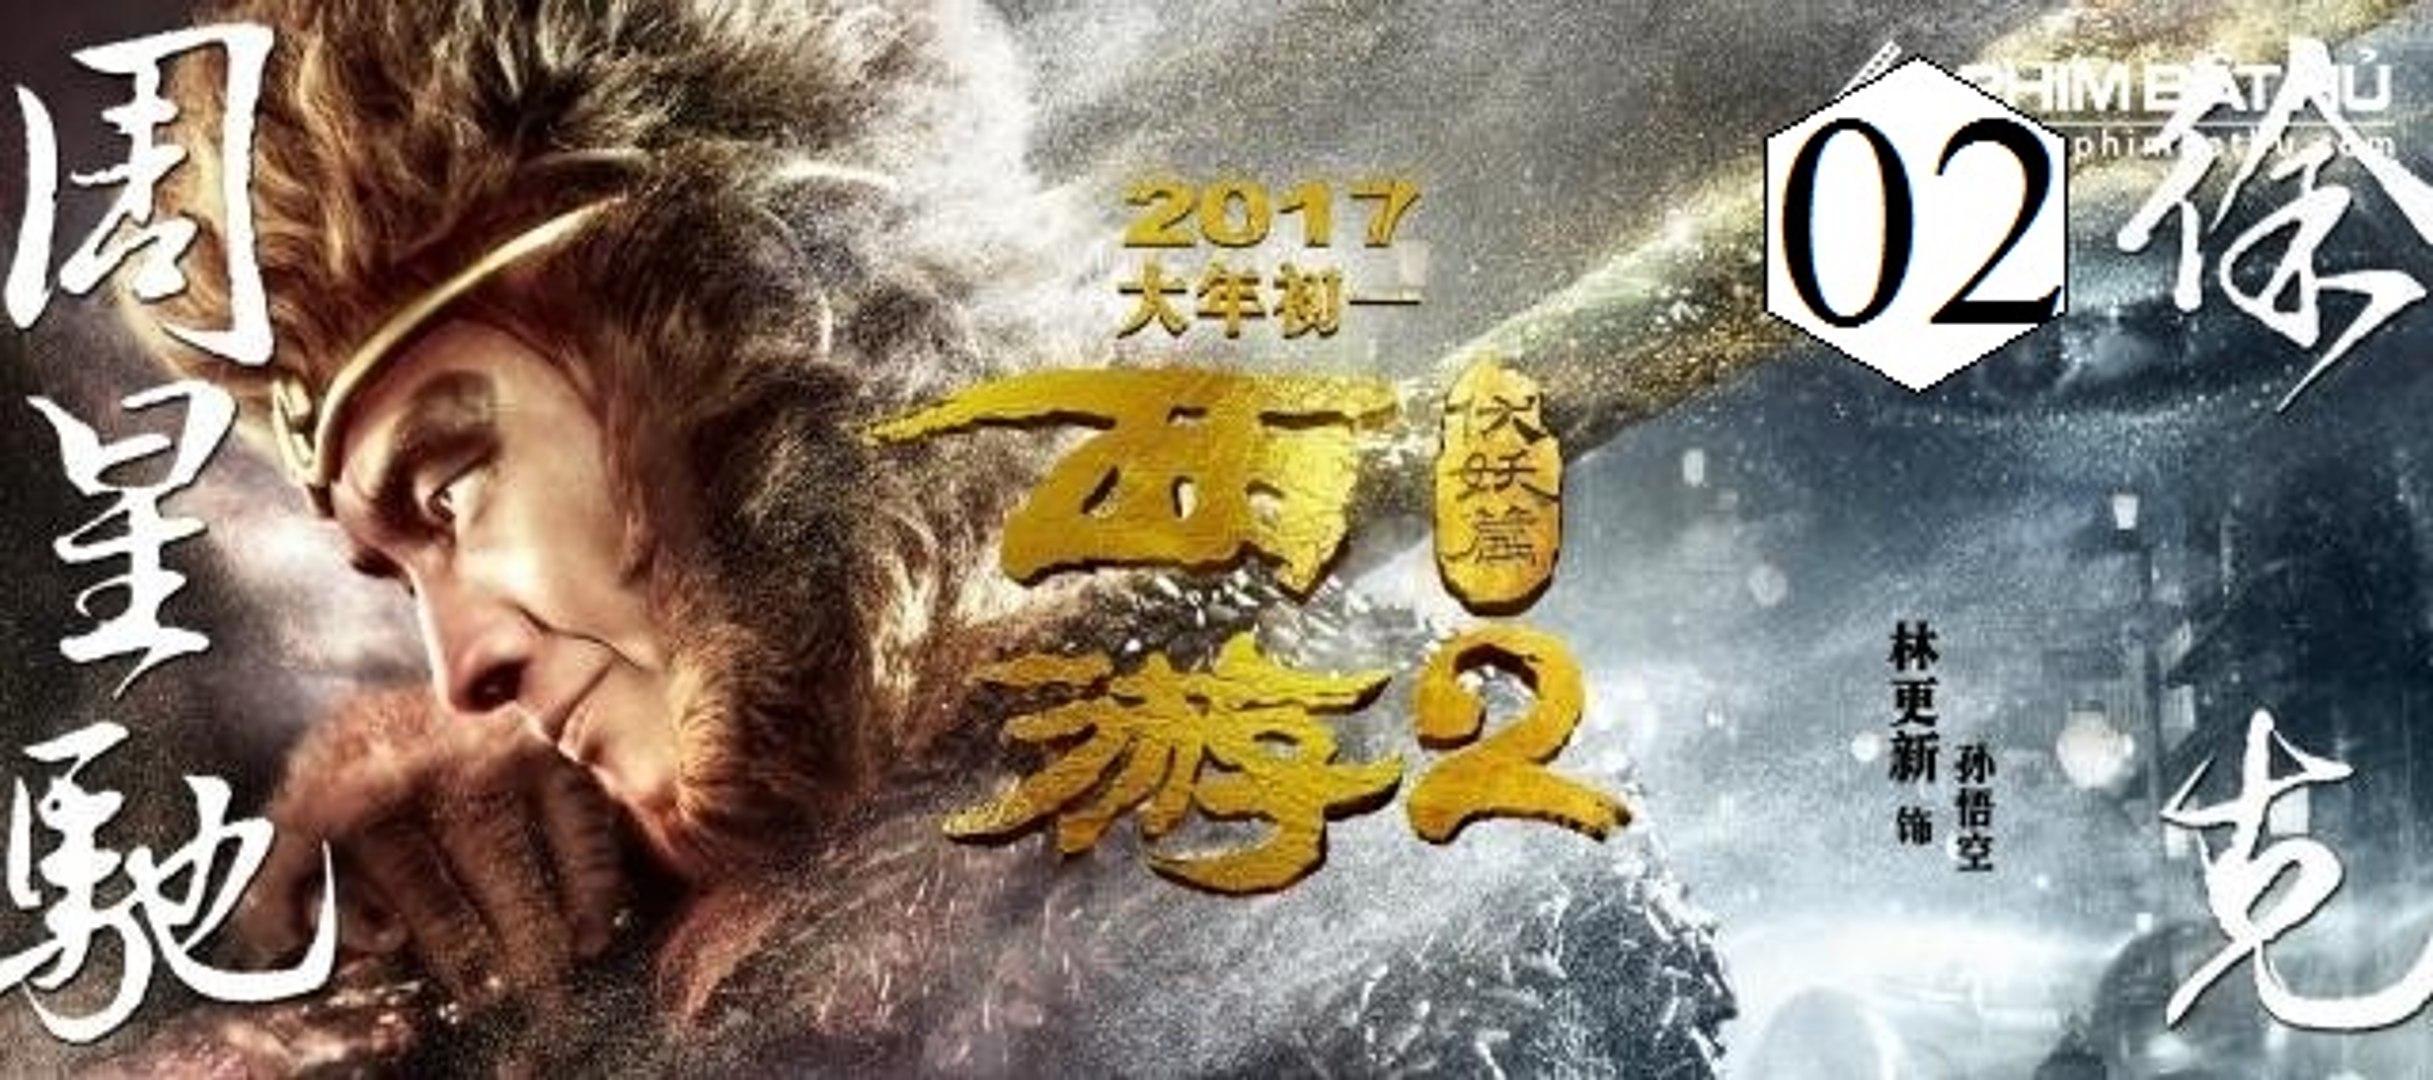 Xem Phim Tây Du Ký_ Mối Tình Ngoại Truyện 2 Journey To The West_ Conquering The Demons 2 2017  Phần